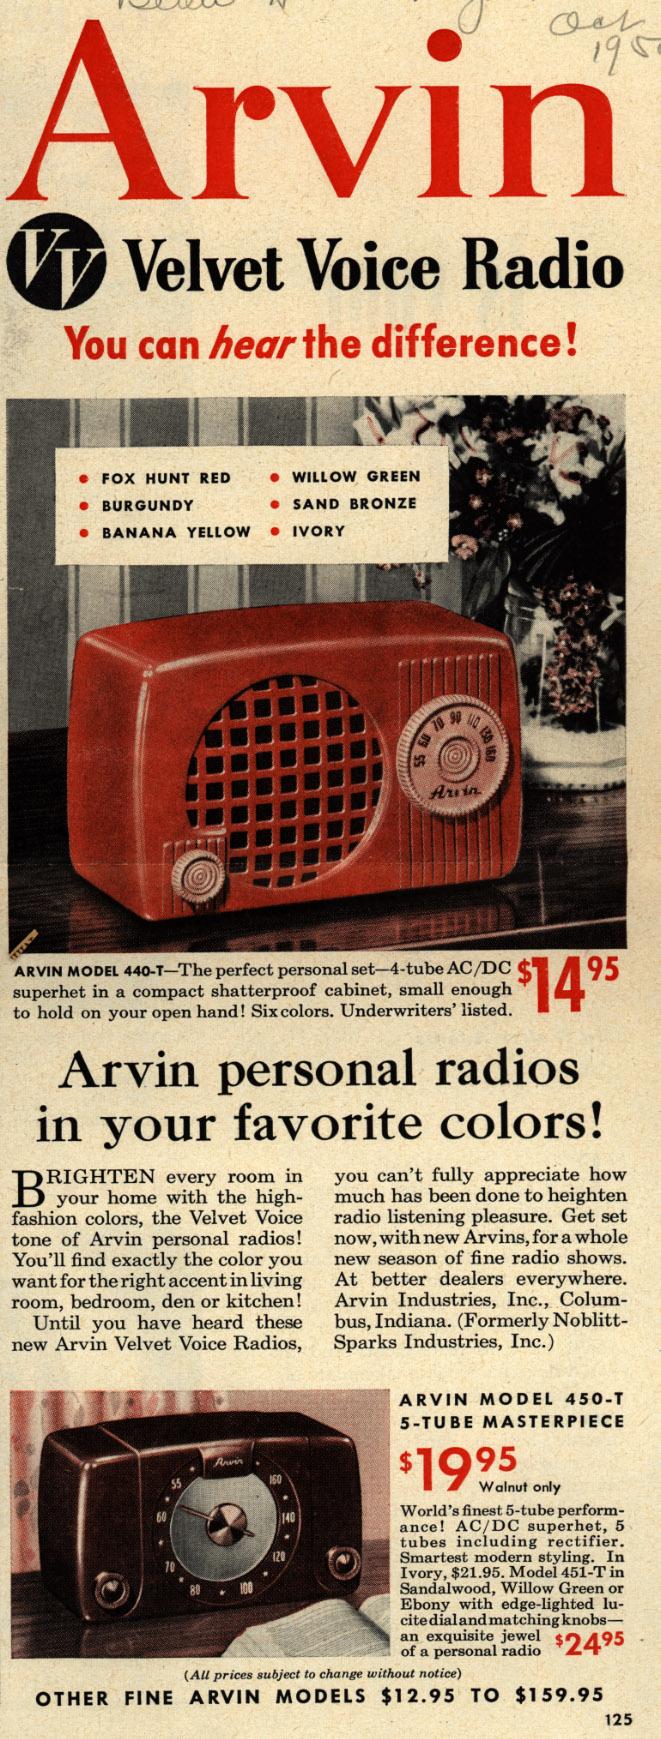 Velvet Voice Radio